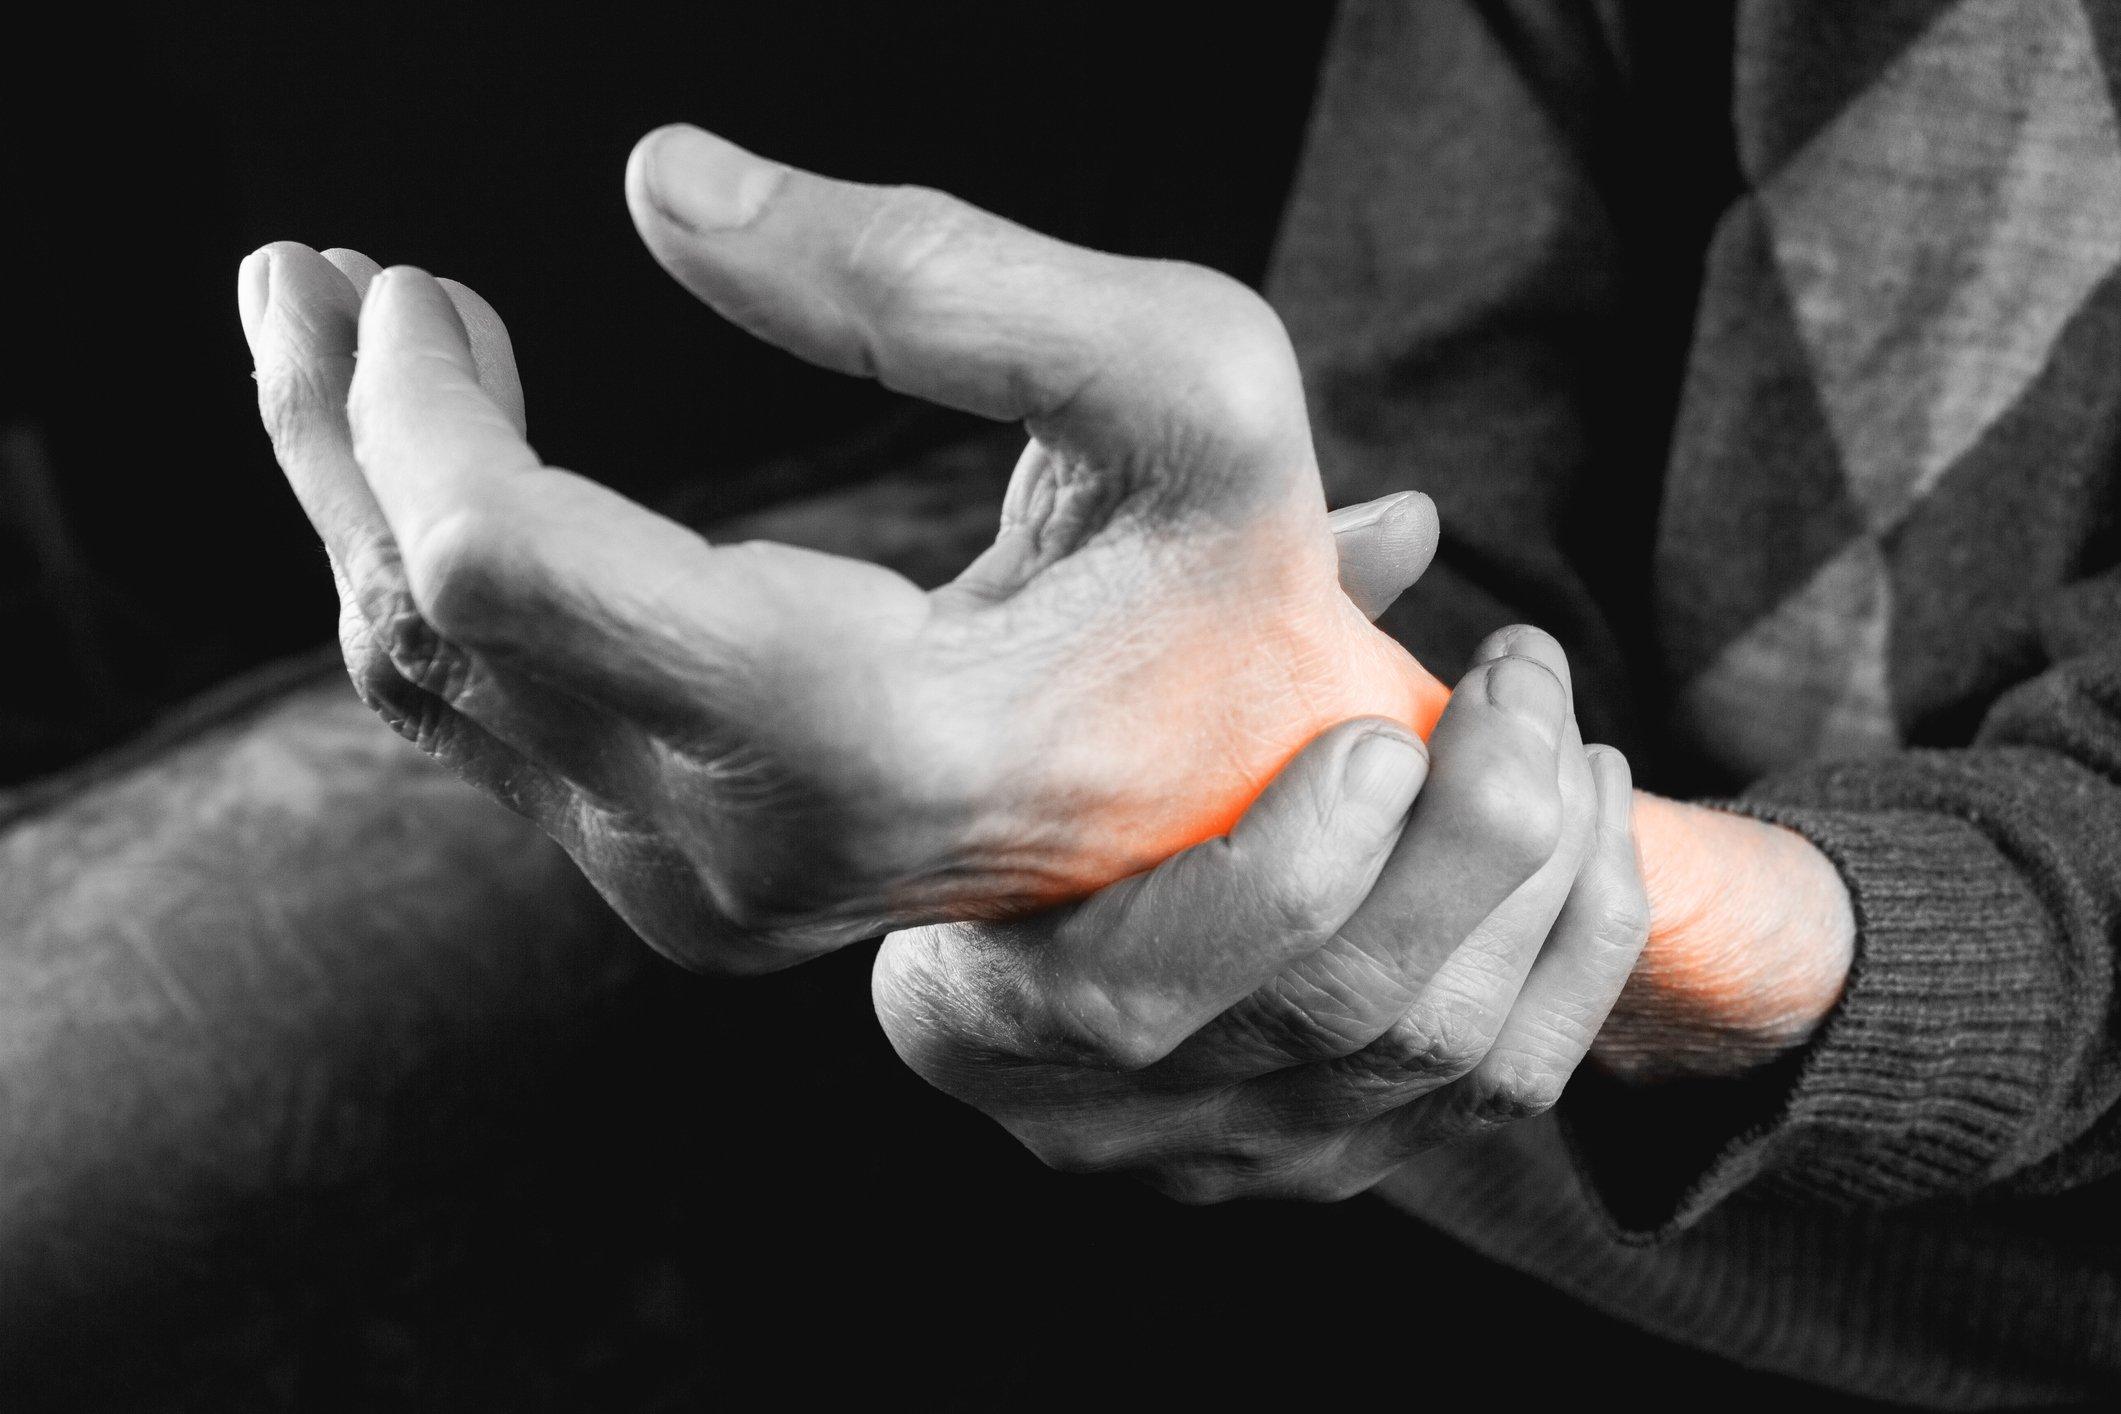 Artrita degetului mare, Articulațiile de pe degete nu se îndoaie